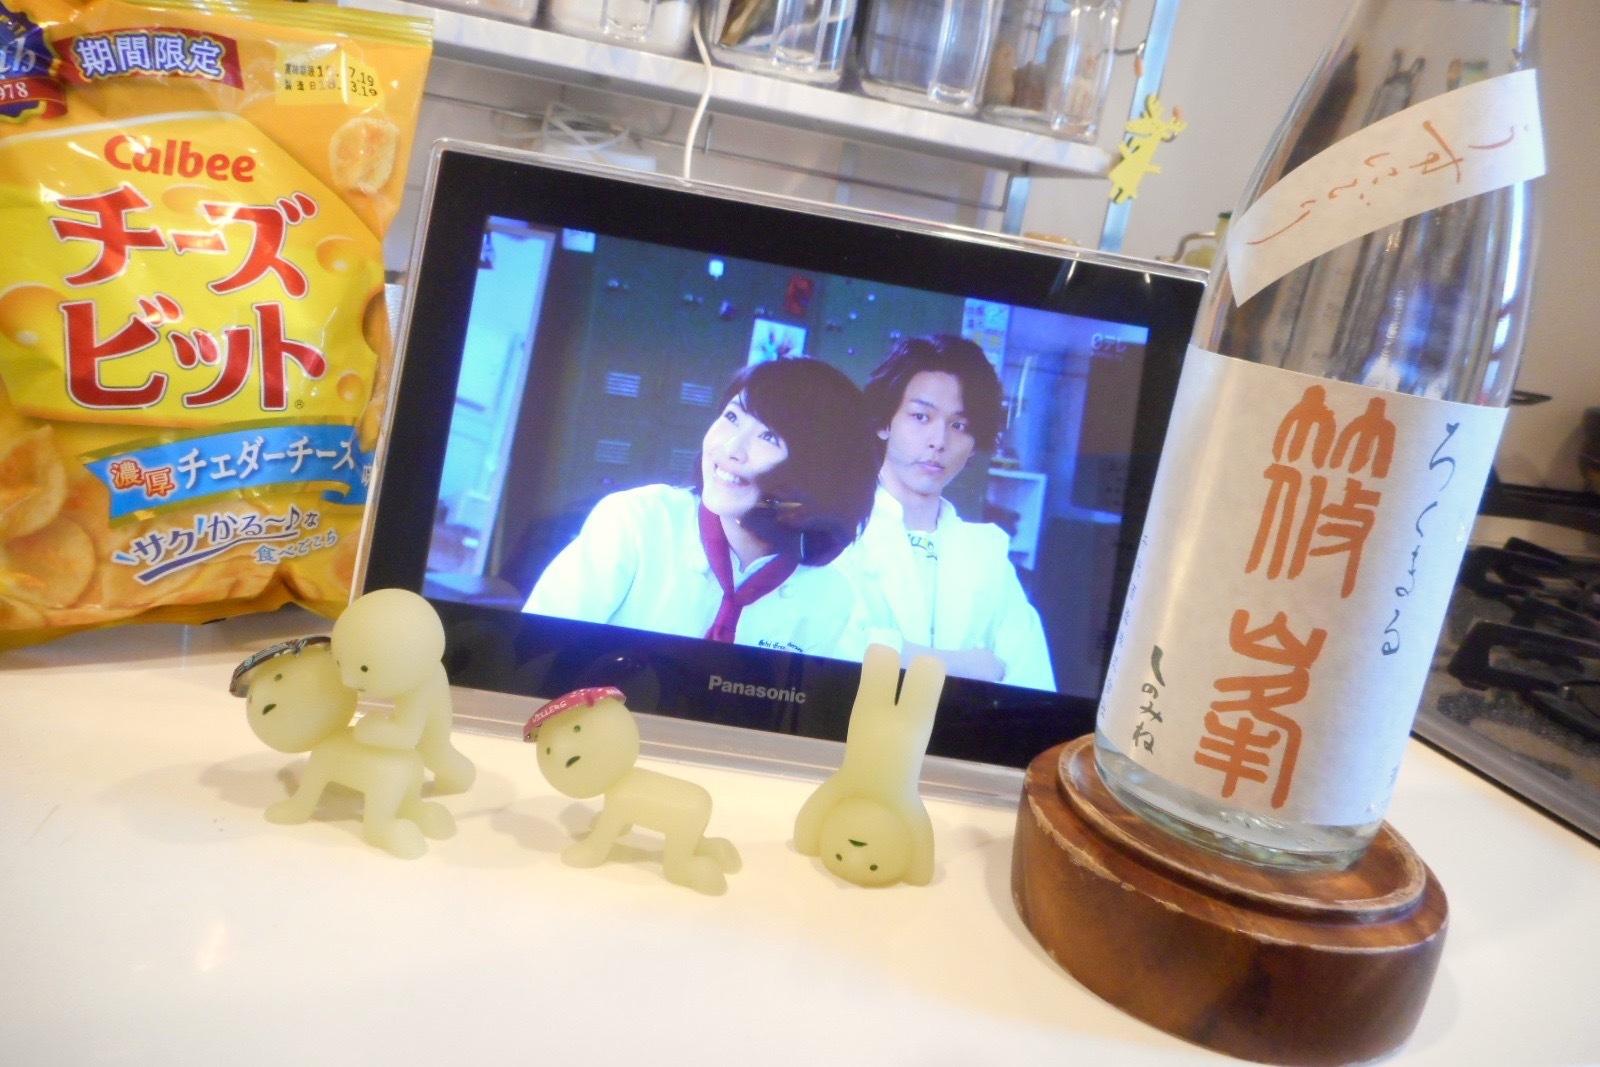 rokumaru_hattan_nigori29by1.jpg